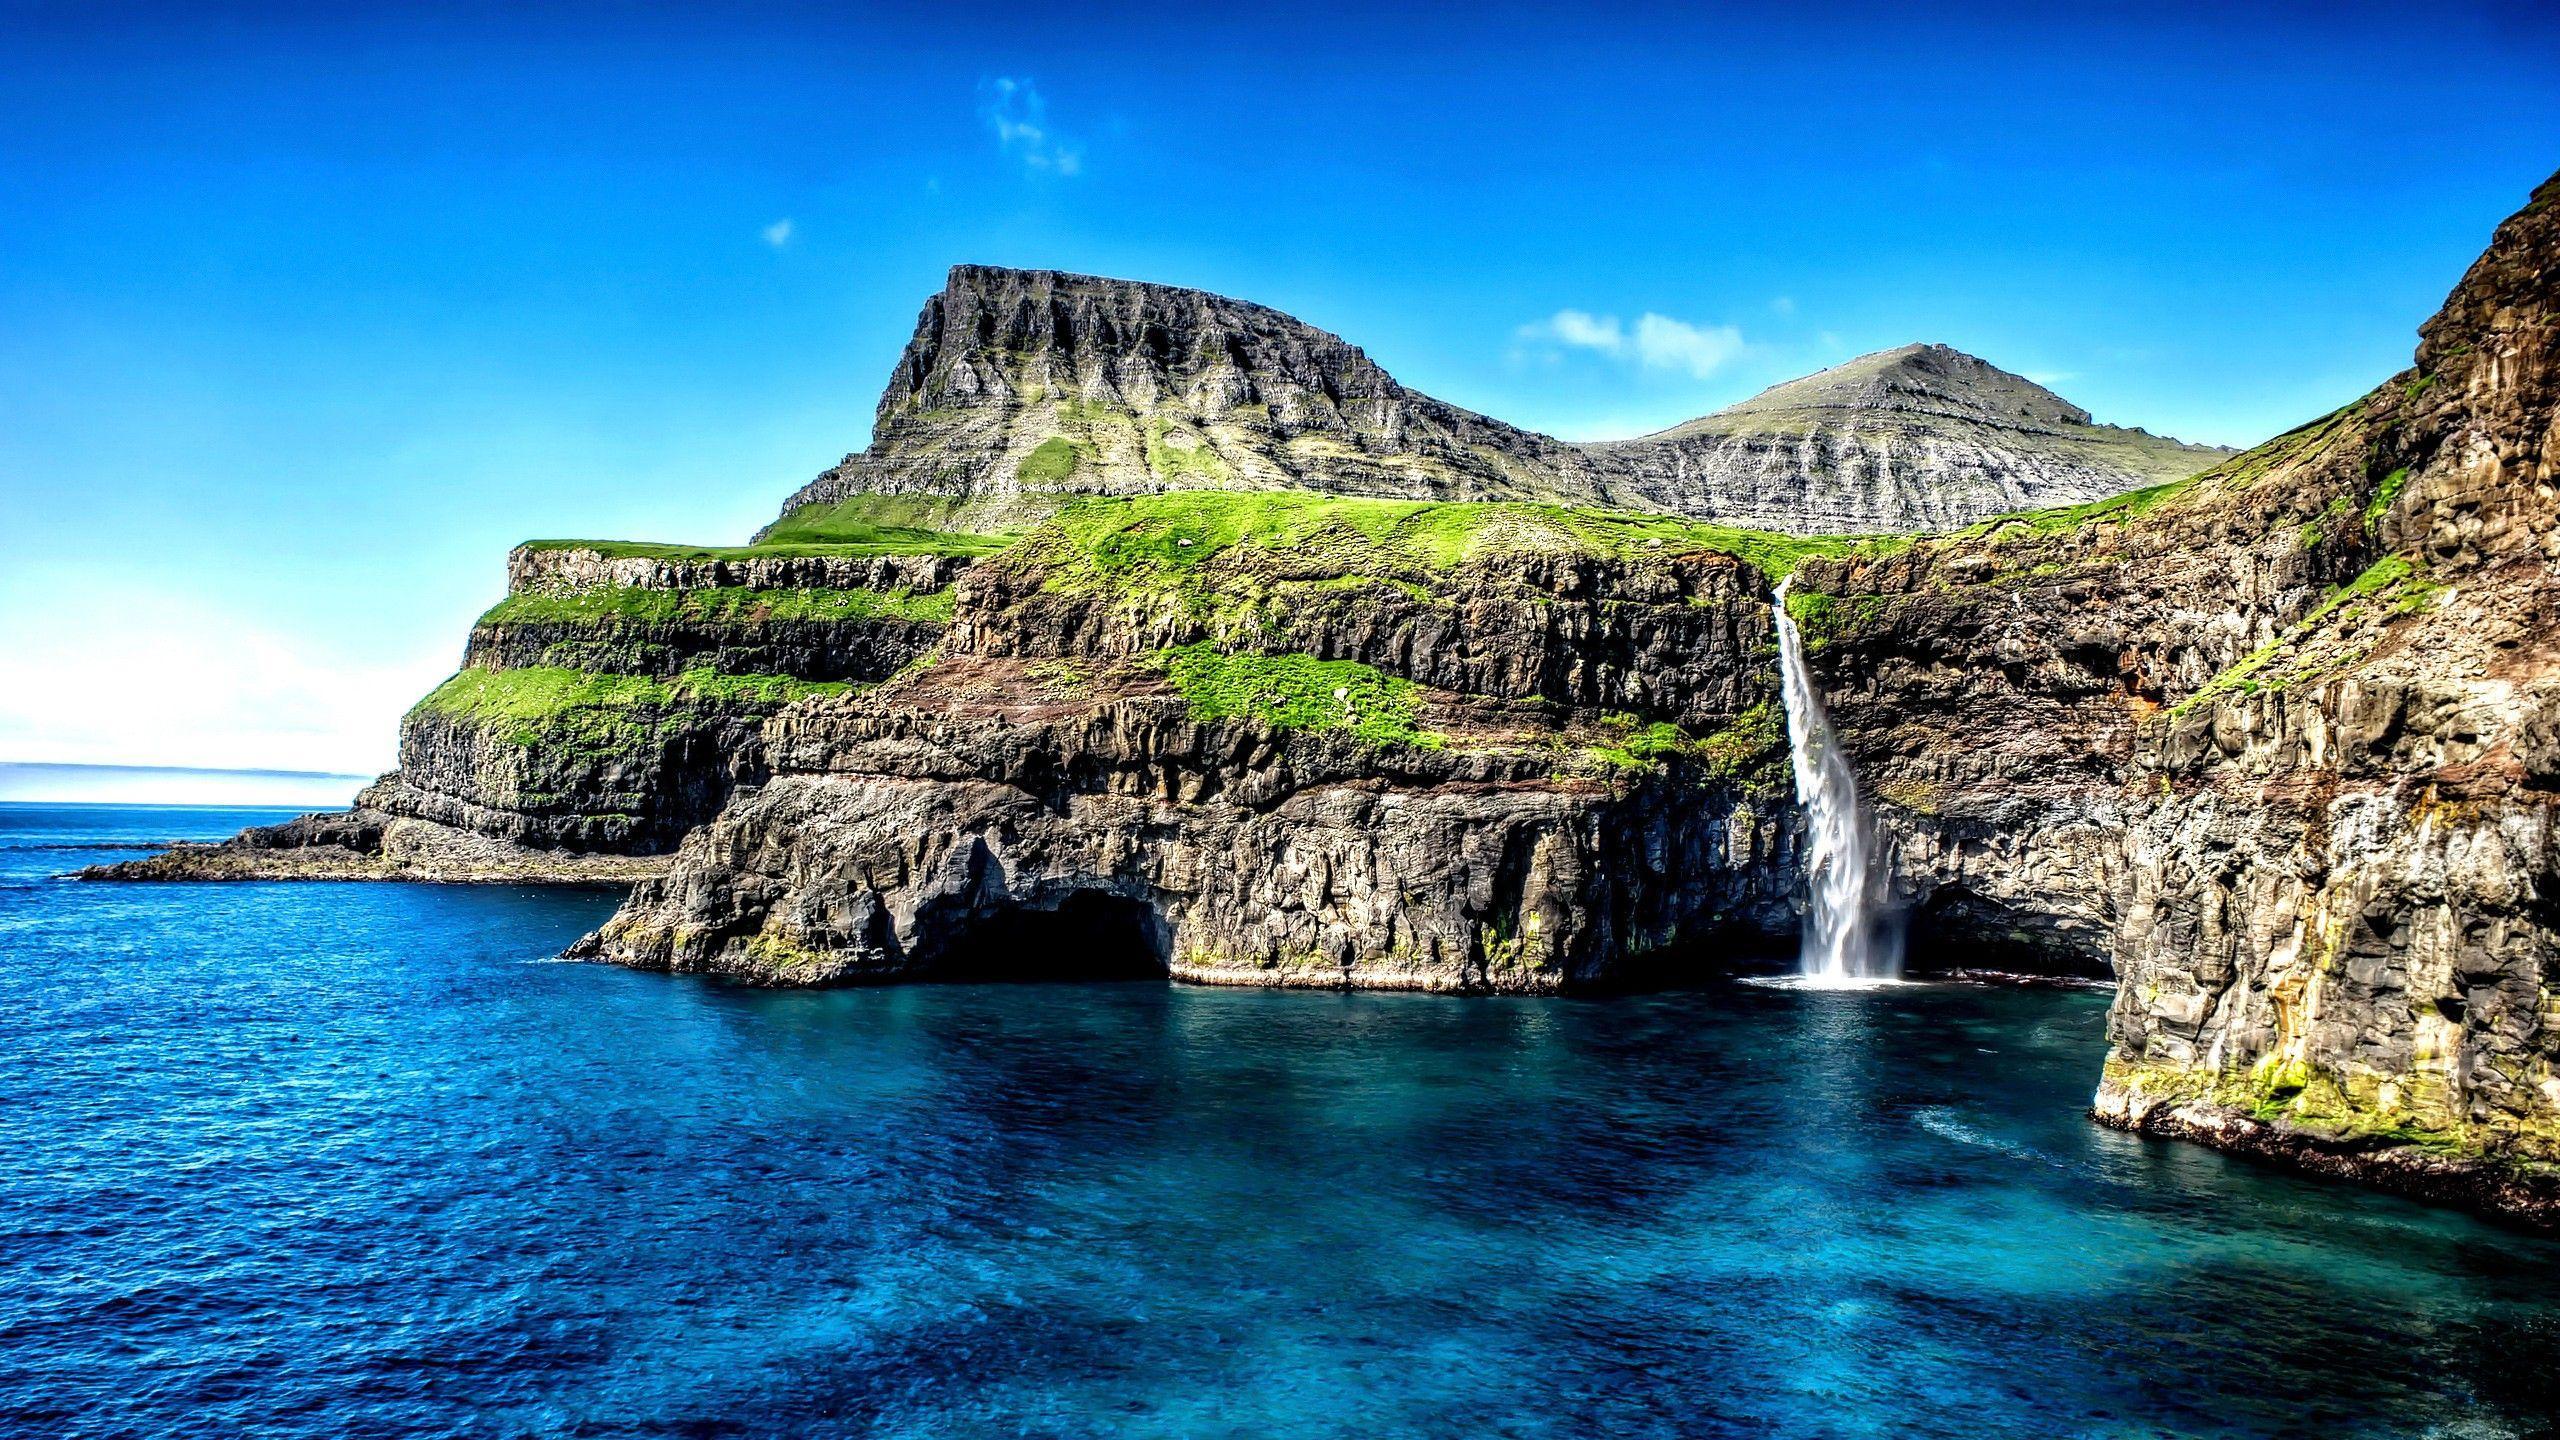 Hawaii Islands Waterfall Wallpapers